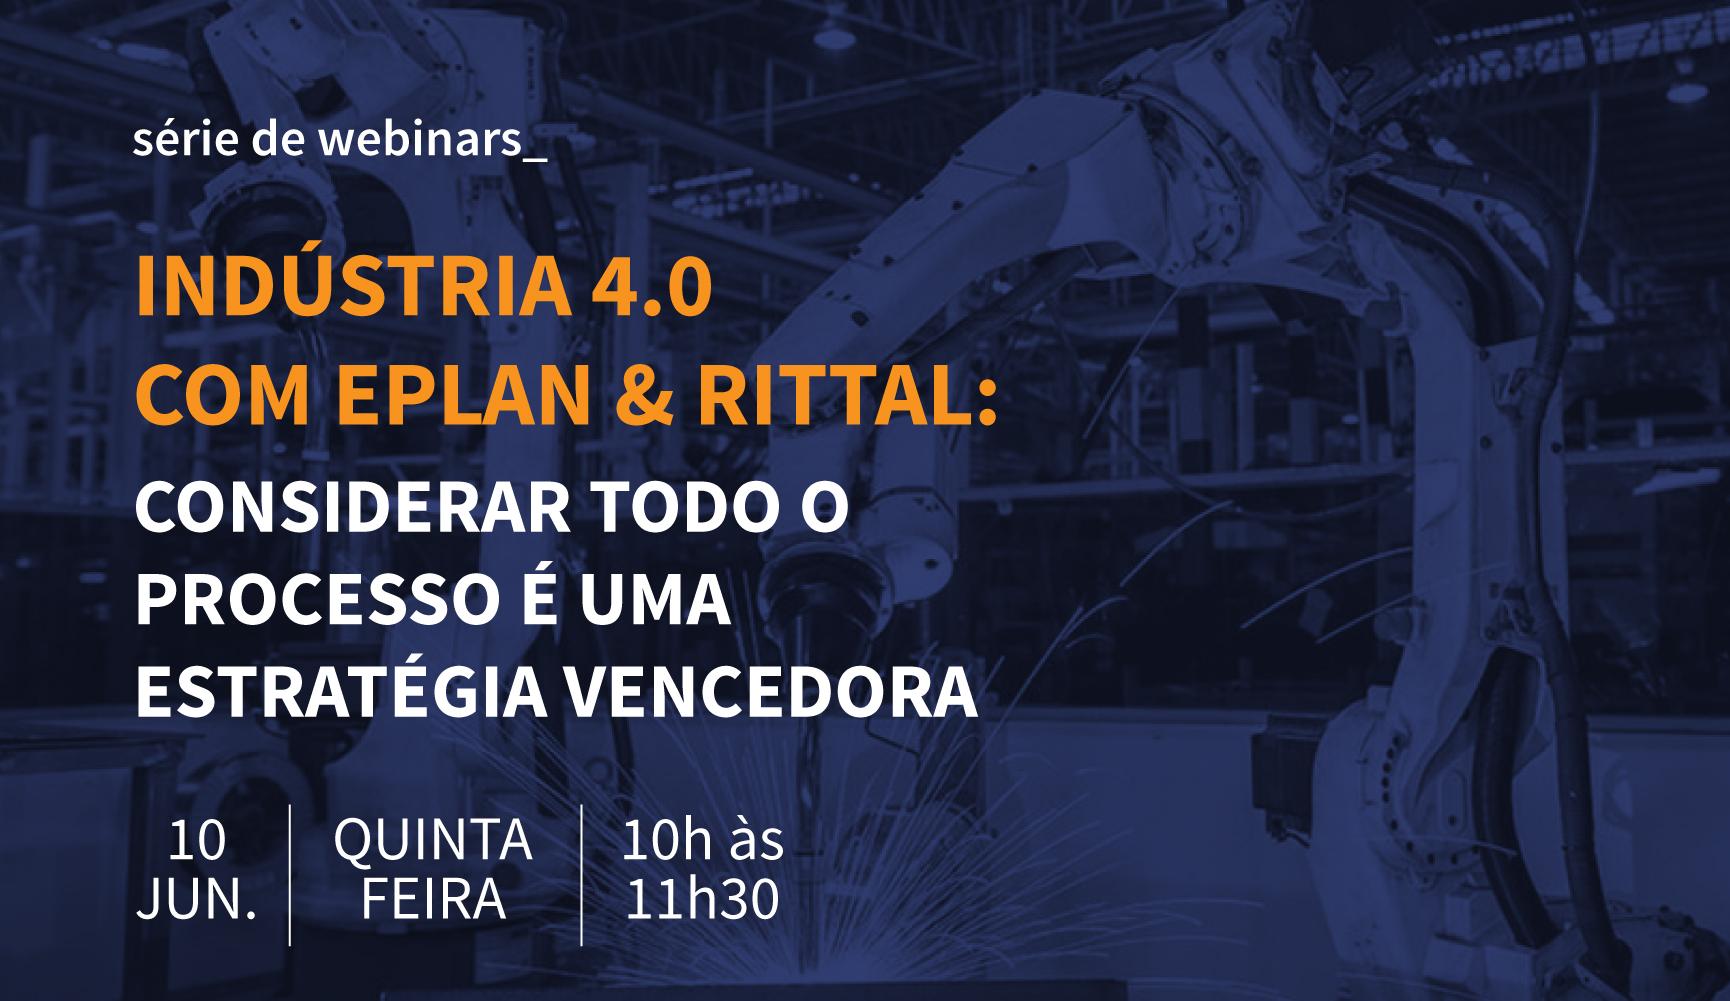 Indústria 4.0 com EPLAN e Rittal - Considerar todo o processo é uma estratégia vencedora